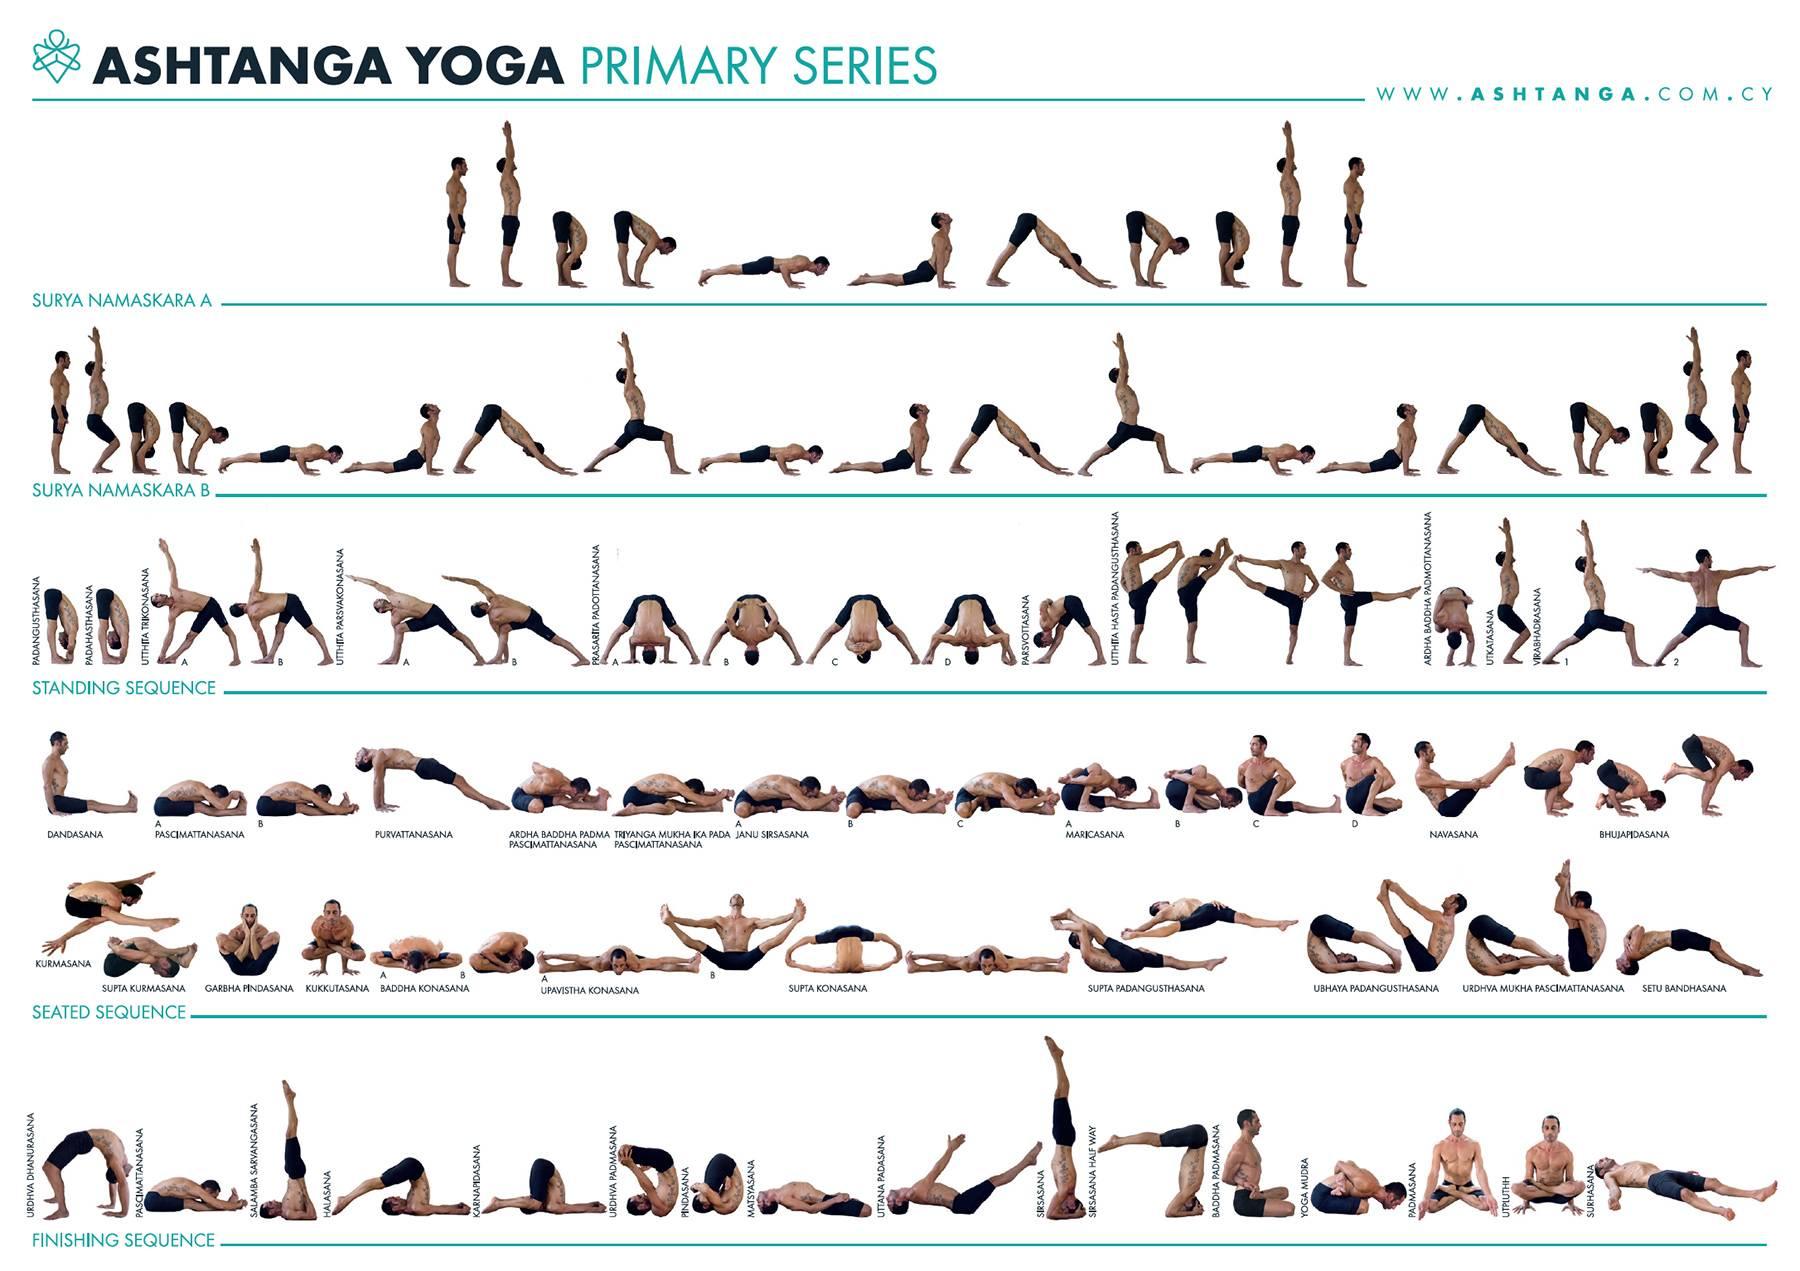 Упражнения и асаны горячей йоги: жарко, как в индии!